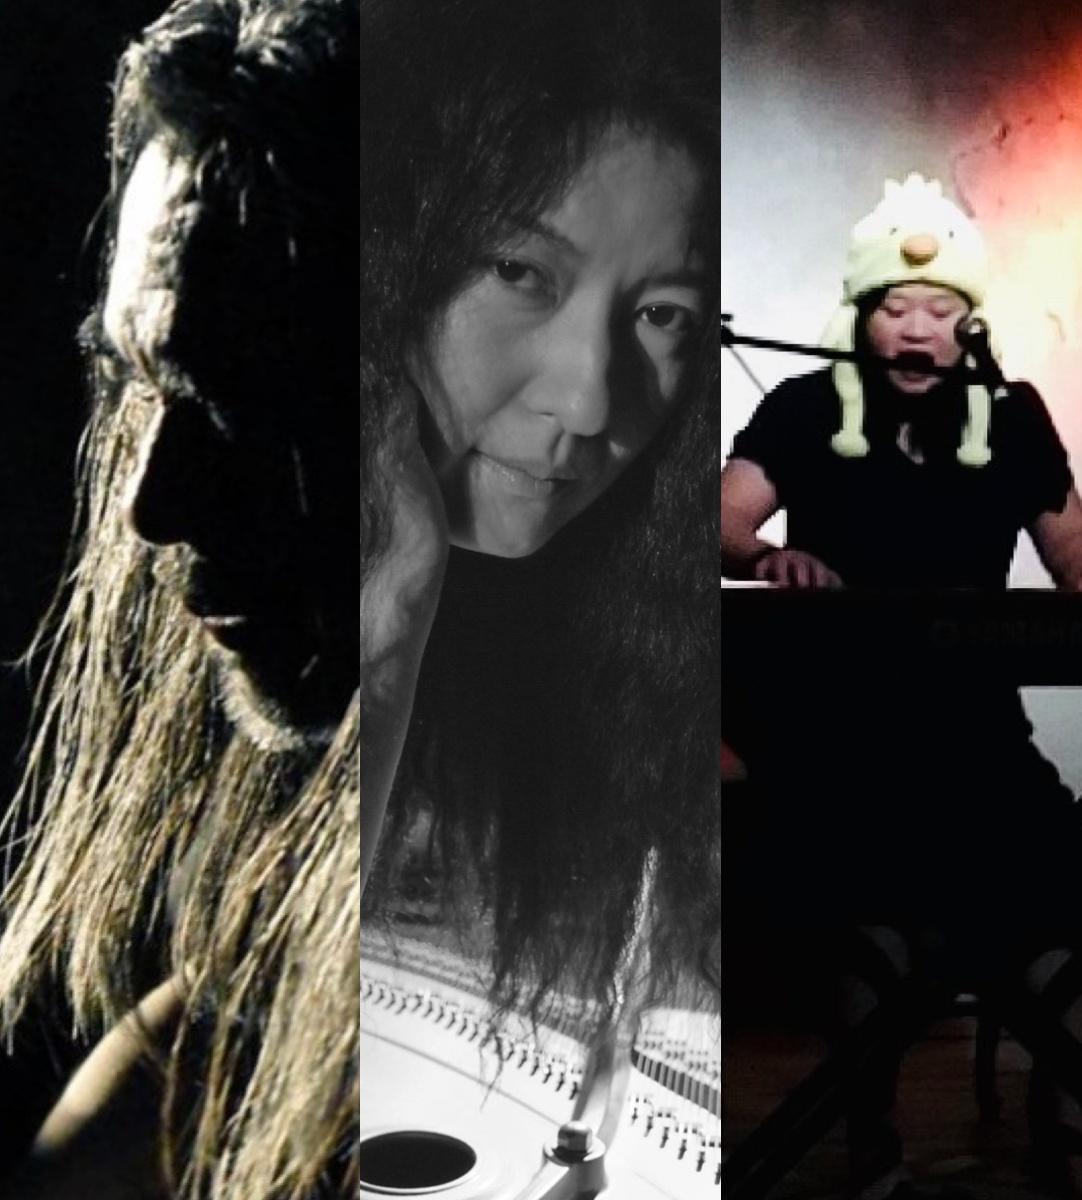 『わたしの歌 あなたの物語』出演:高井つよし / 真理 / 大内和美